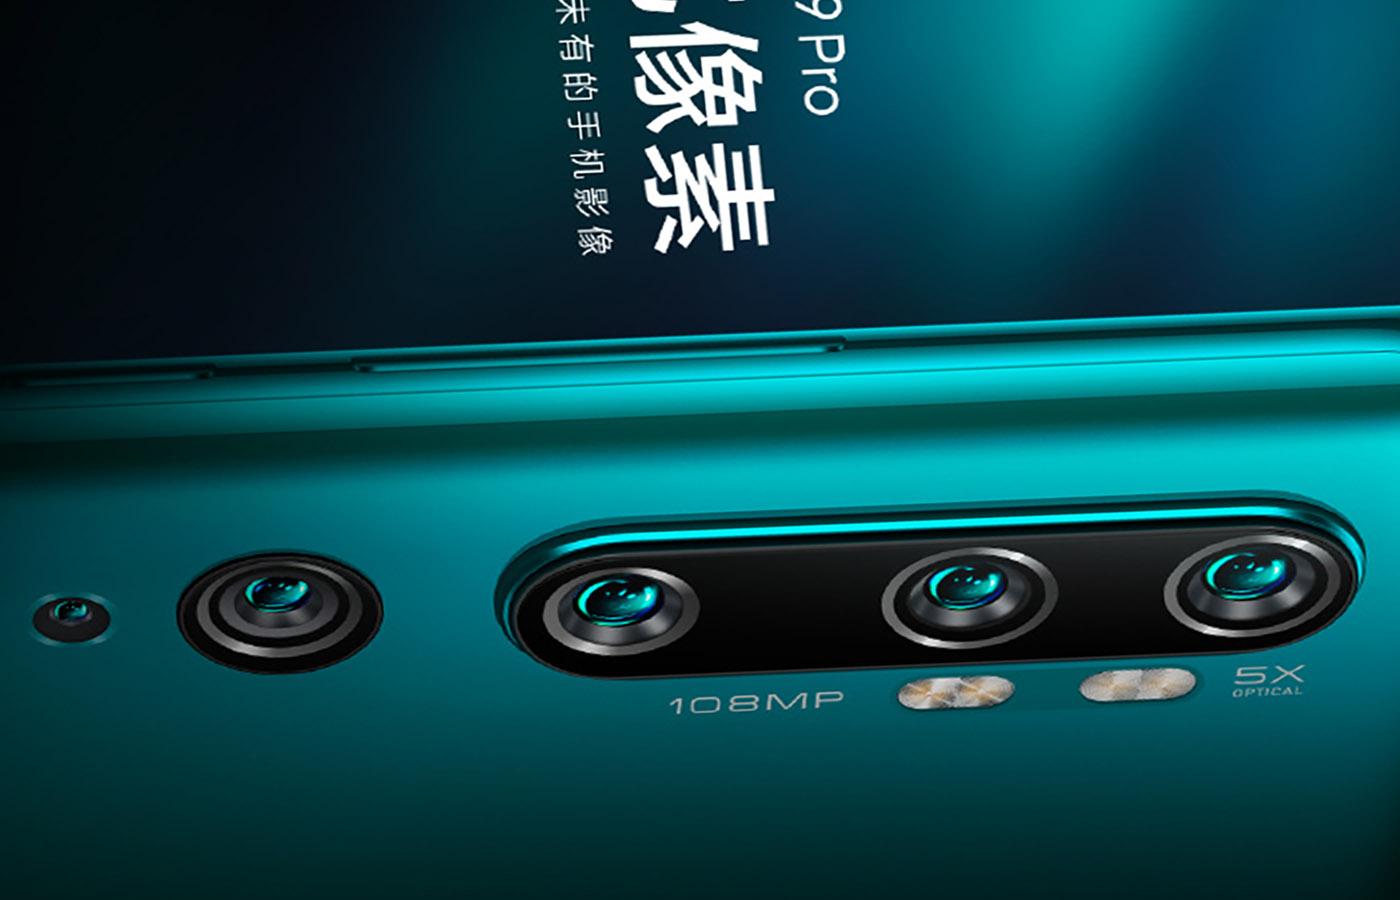 Xiaomi Mi CC9 Pro станет первым смартфоном с 108 Мп камерой